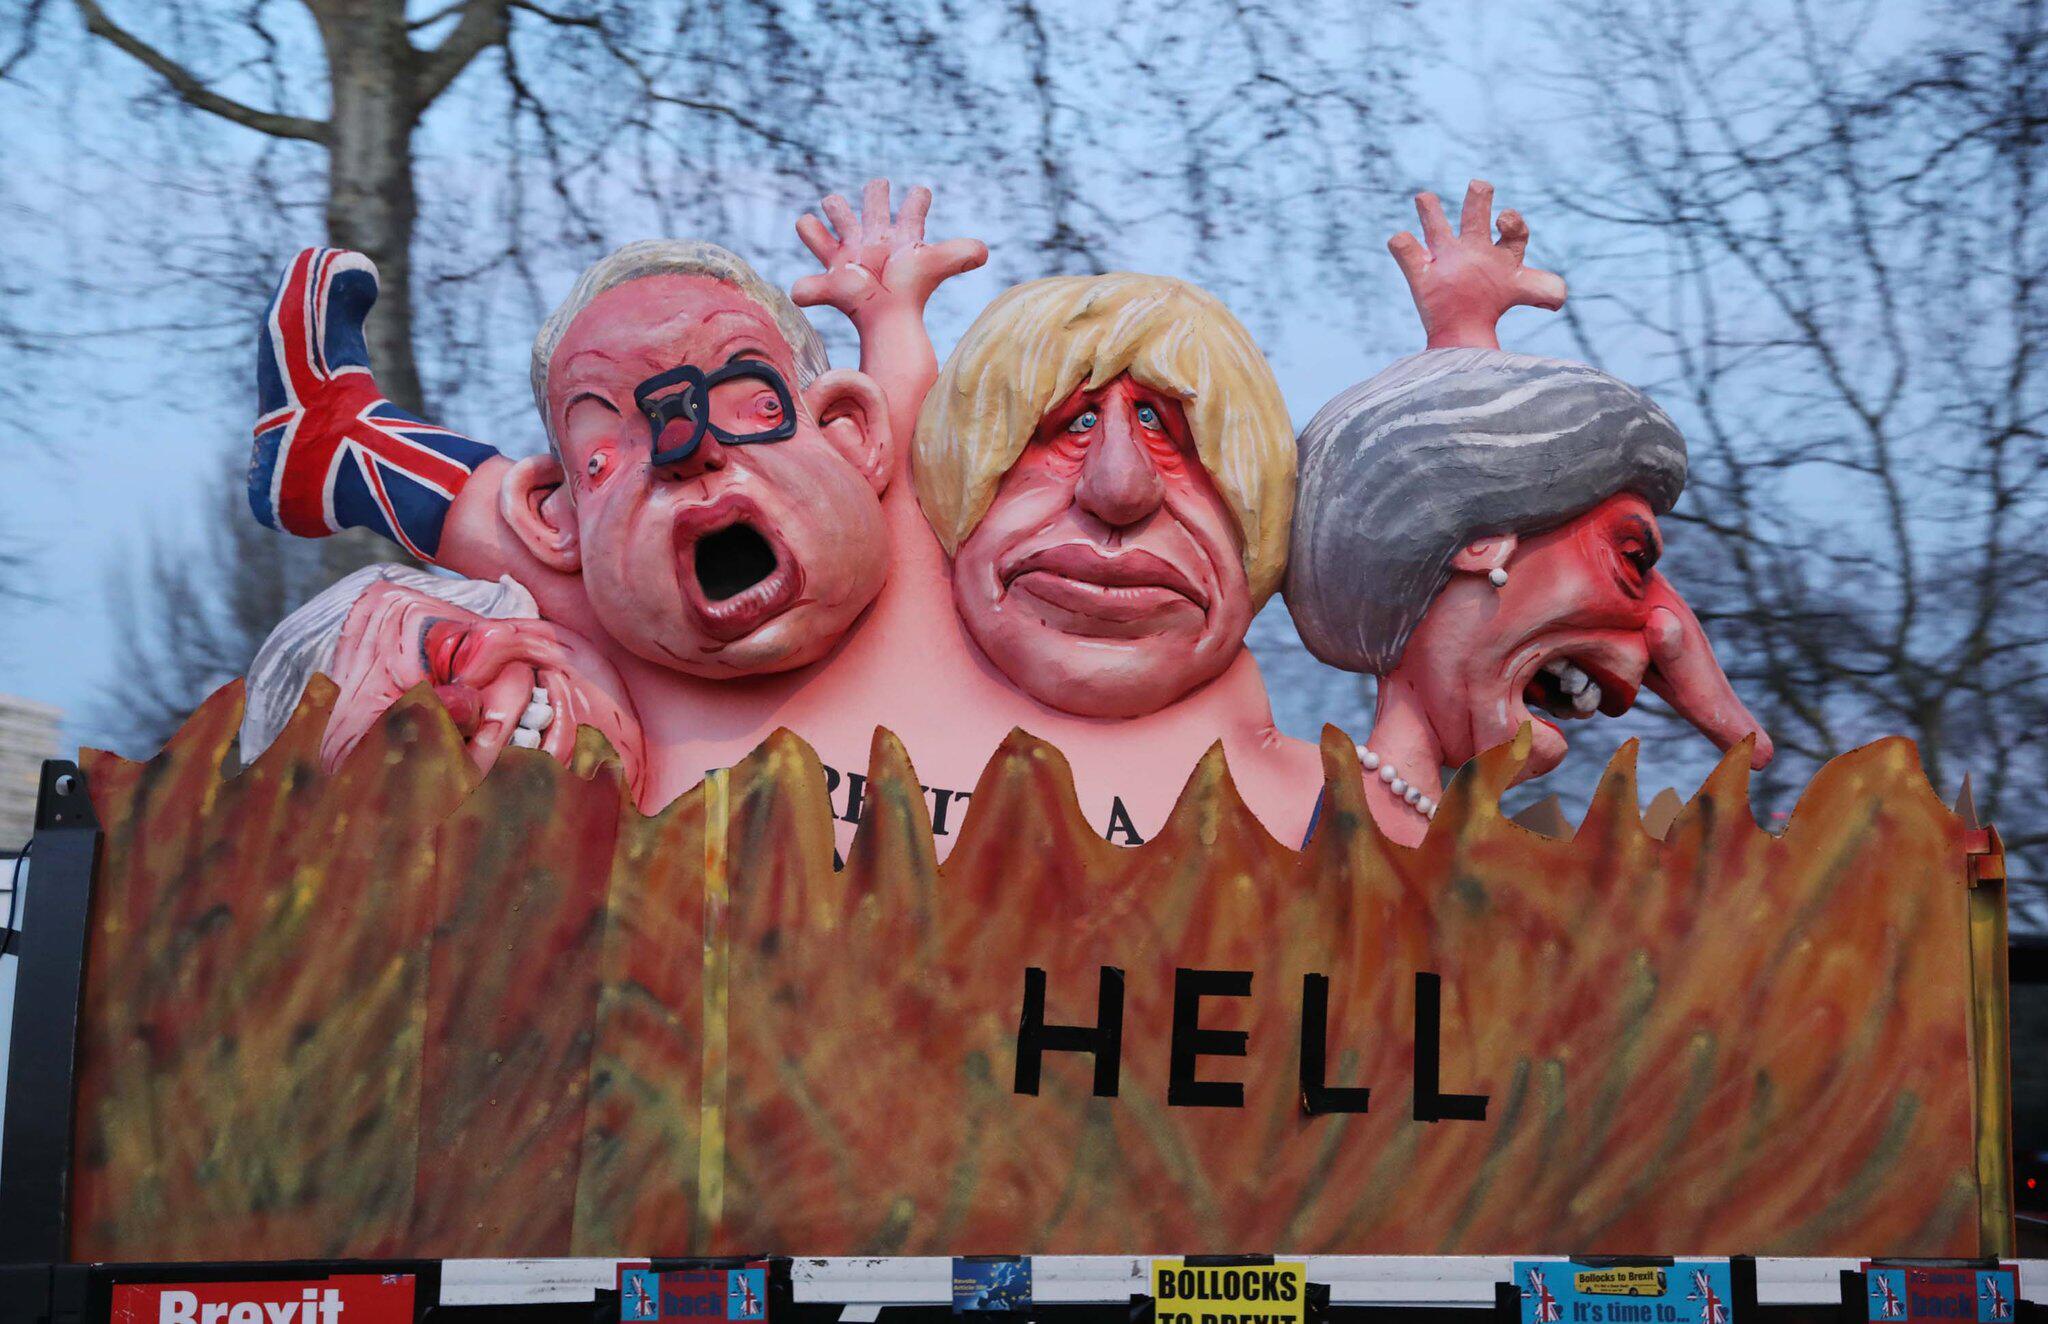 Großbritannien - Britische Minister drängen auf mögliche Brexit-Verschiebung